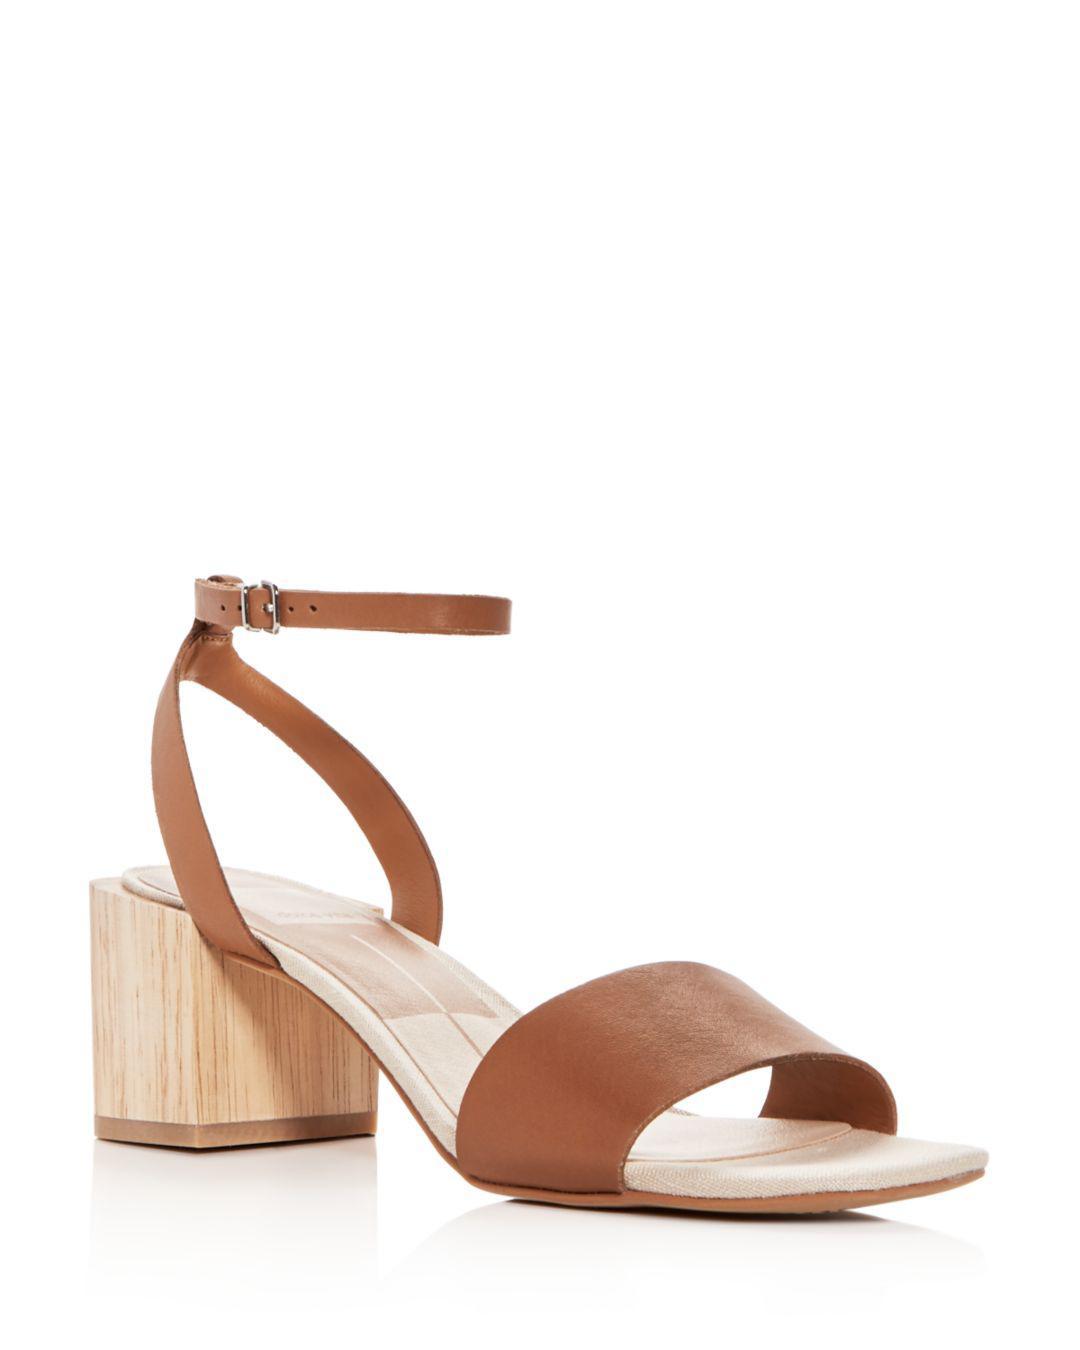 Zarita Block Heel Sandals 5McaYucU